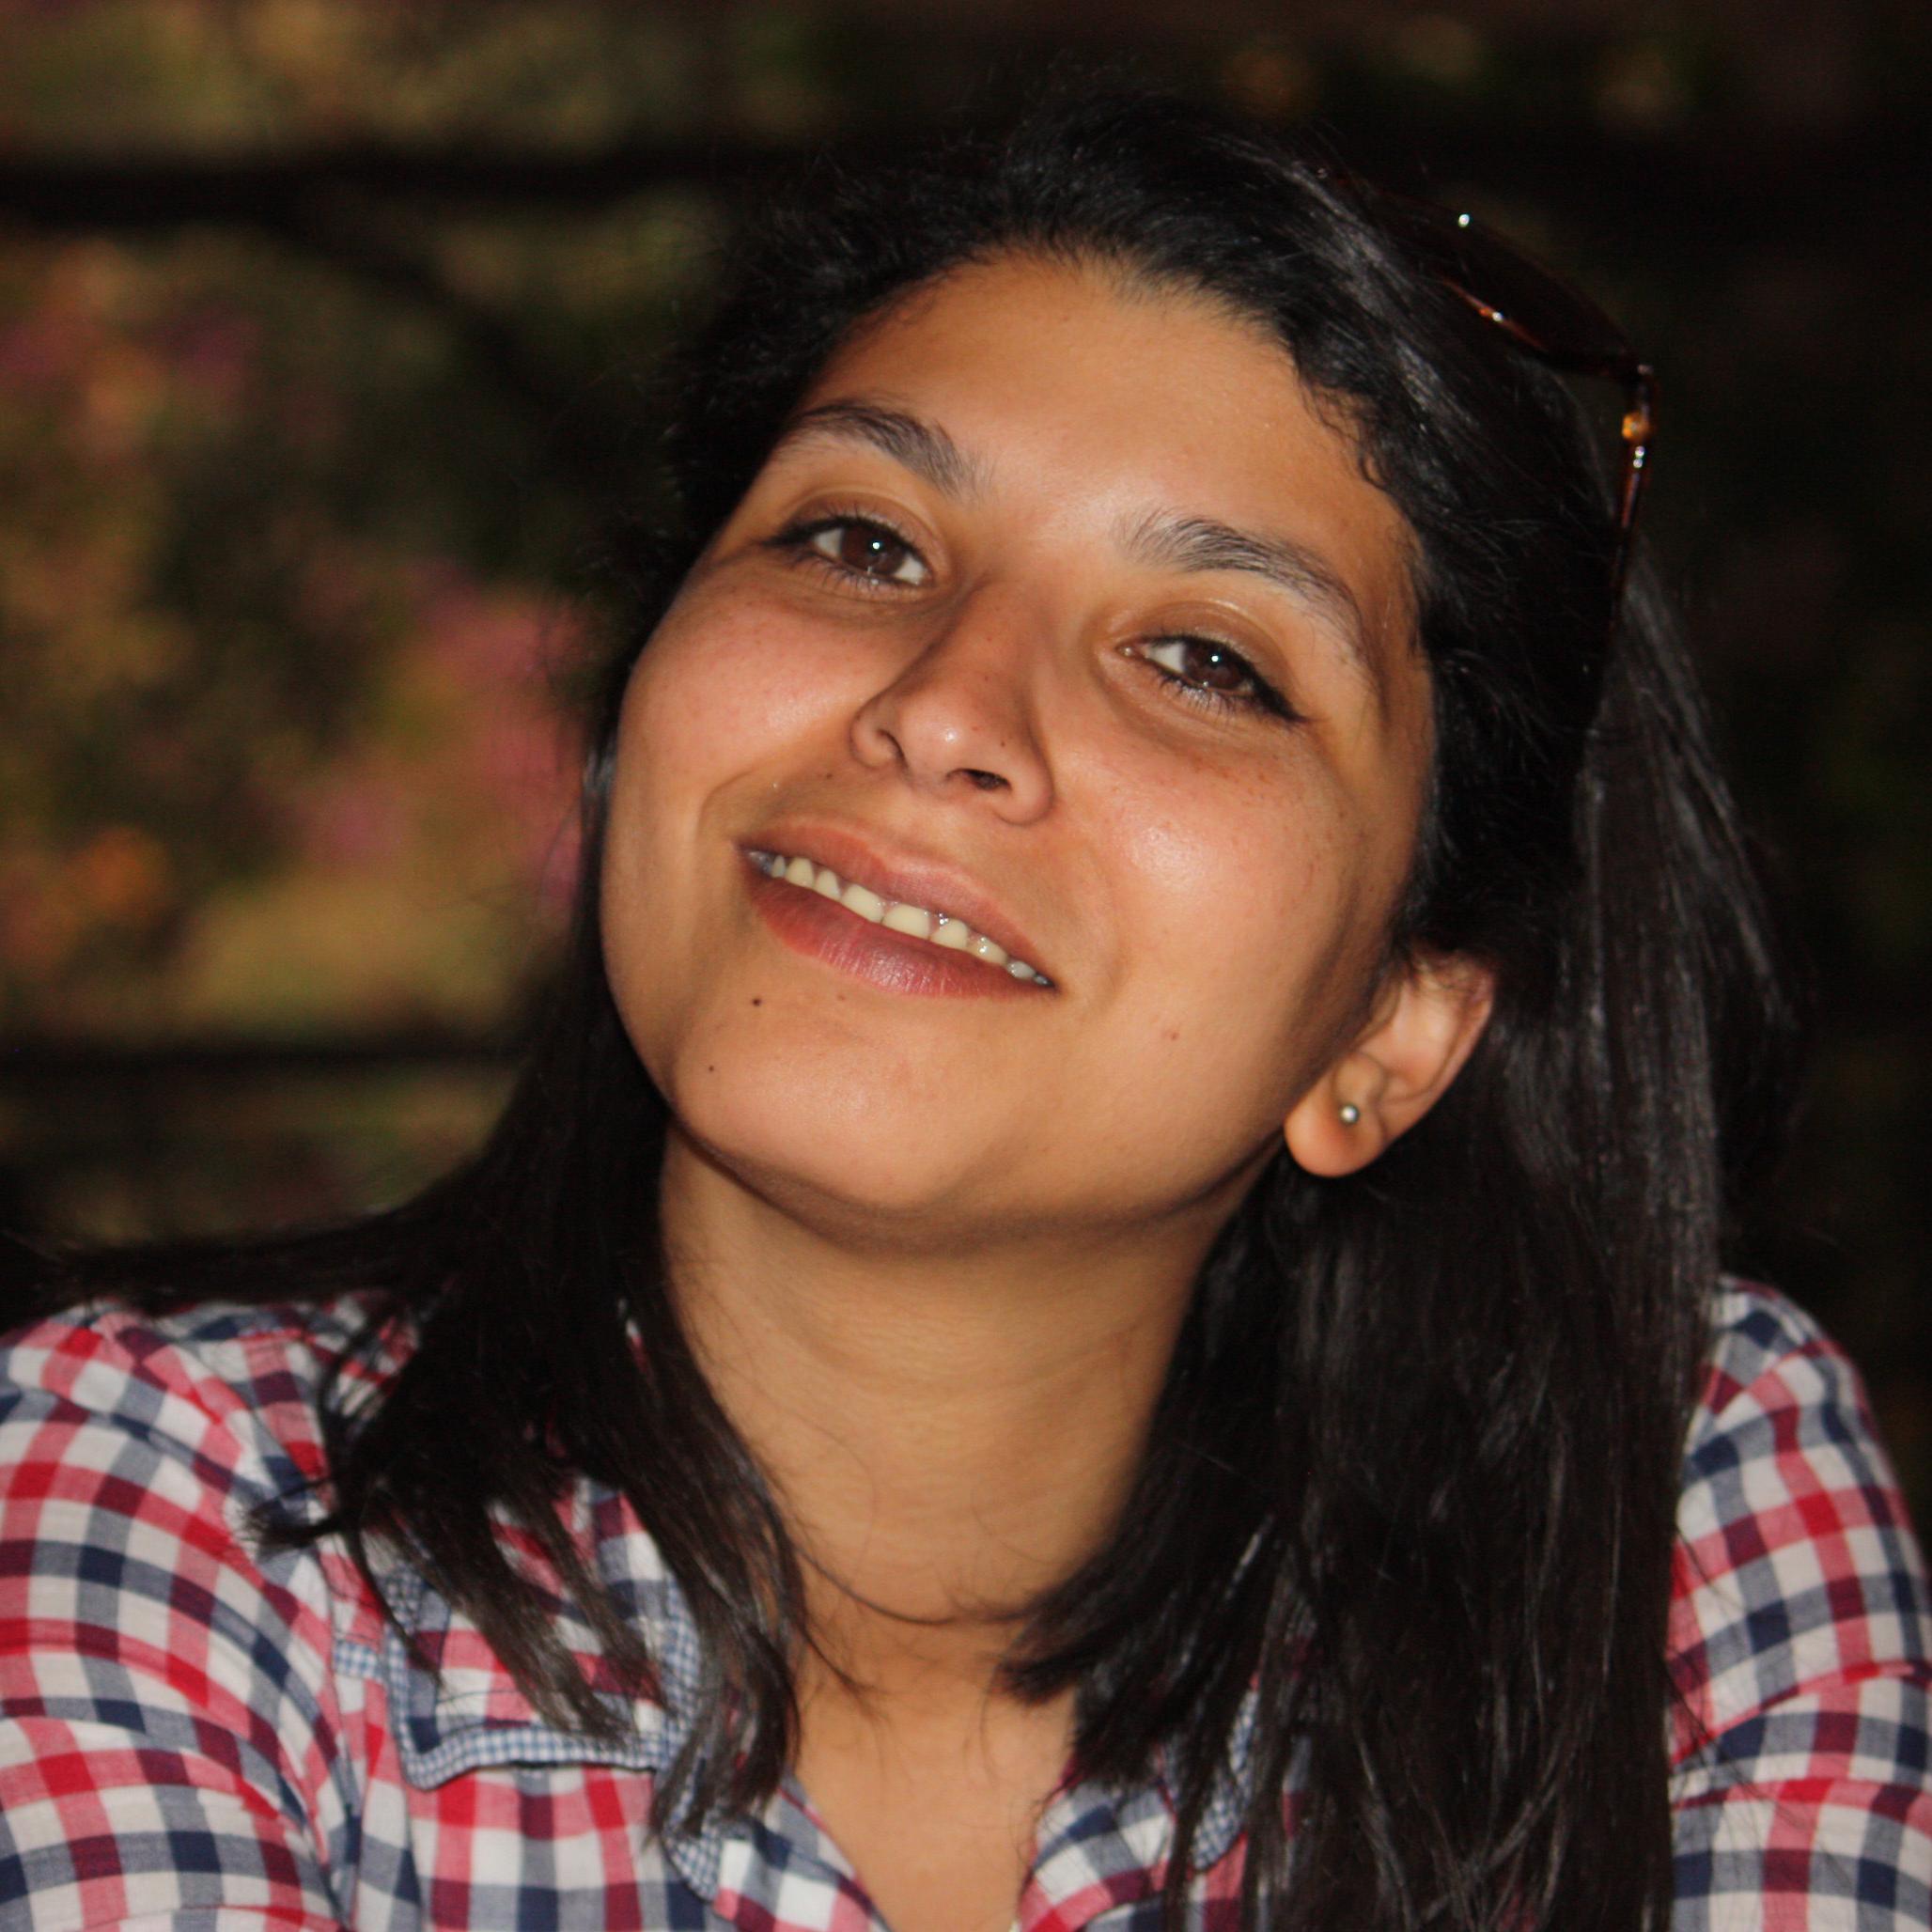 """Karima Nadir, 29, ist eine Journalistin aus Casablanca, Marokko. Sie ist eine der Gründerinnern von """"Mamfaknich"""", einer Website von Bürgerjournalisten, die zu Fragen digitaler Sicherheit arbeiten."""